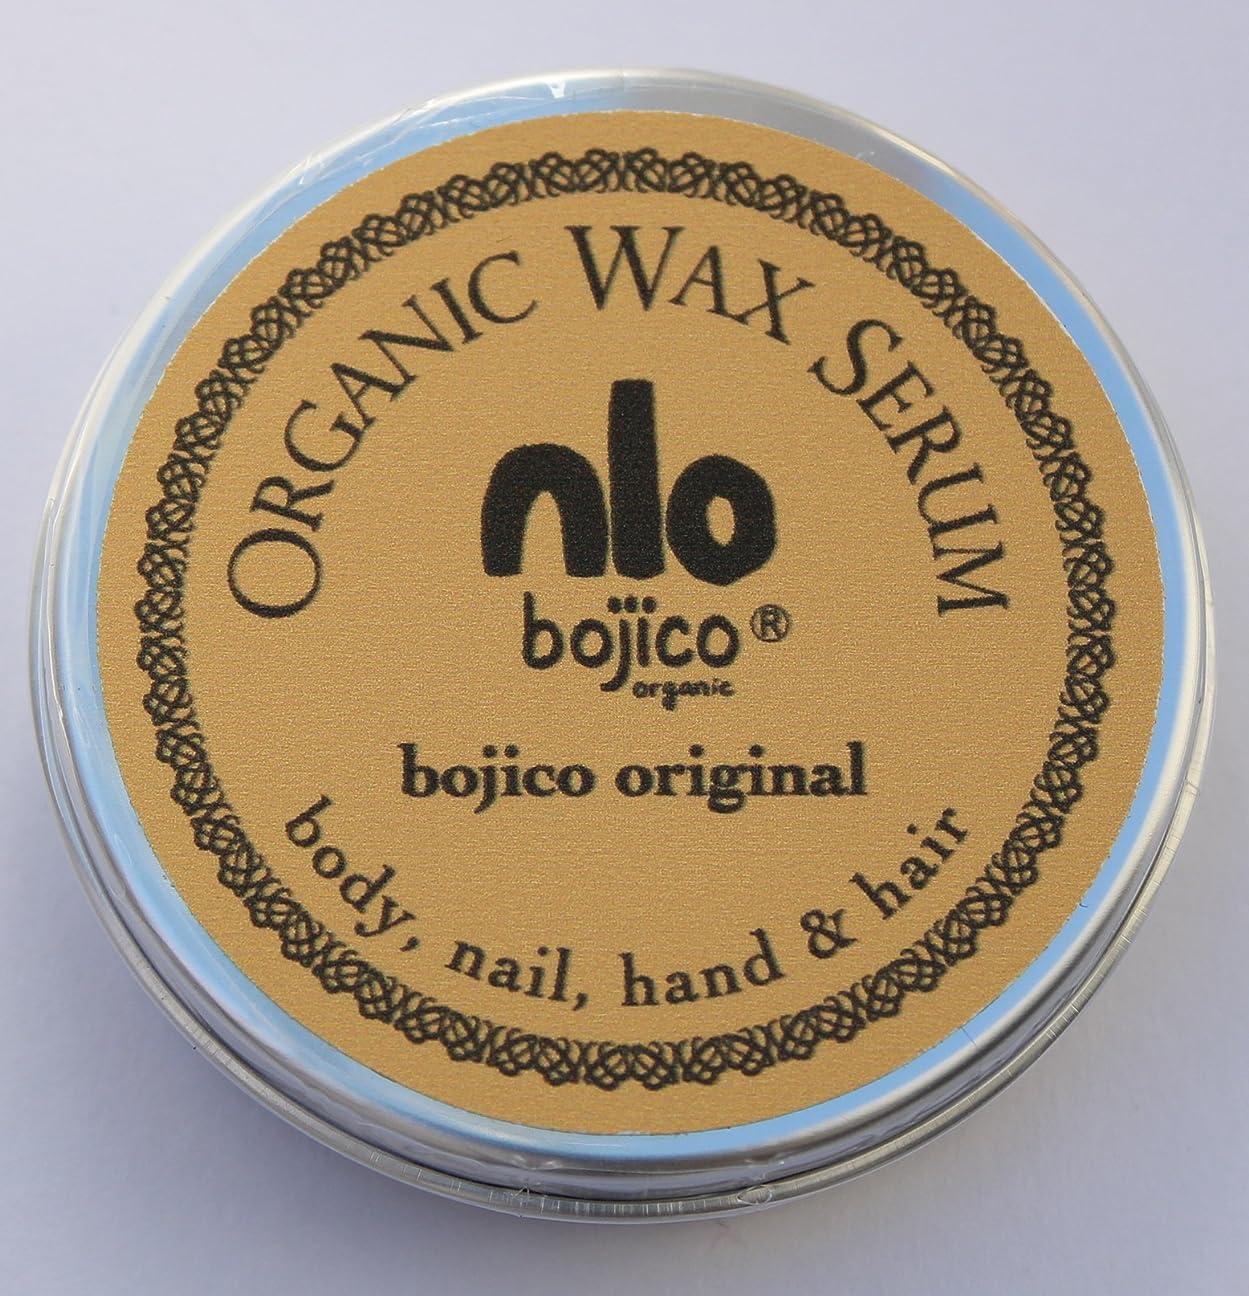 ストライドセッション眠りbojico オーガニック ワックス セラム<オリジナル> Organic Wax Serum 40g